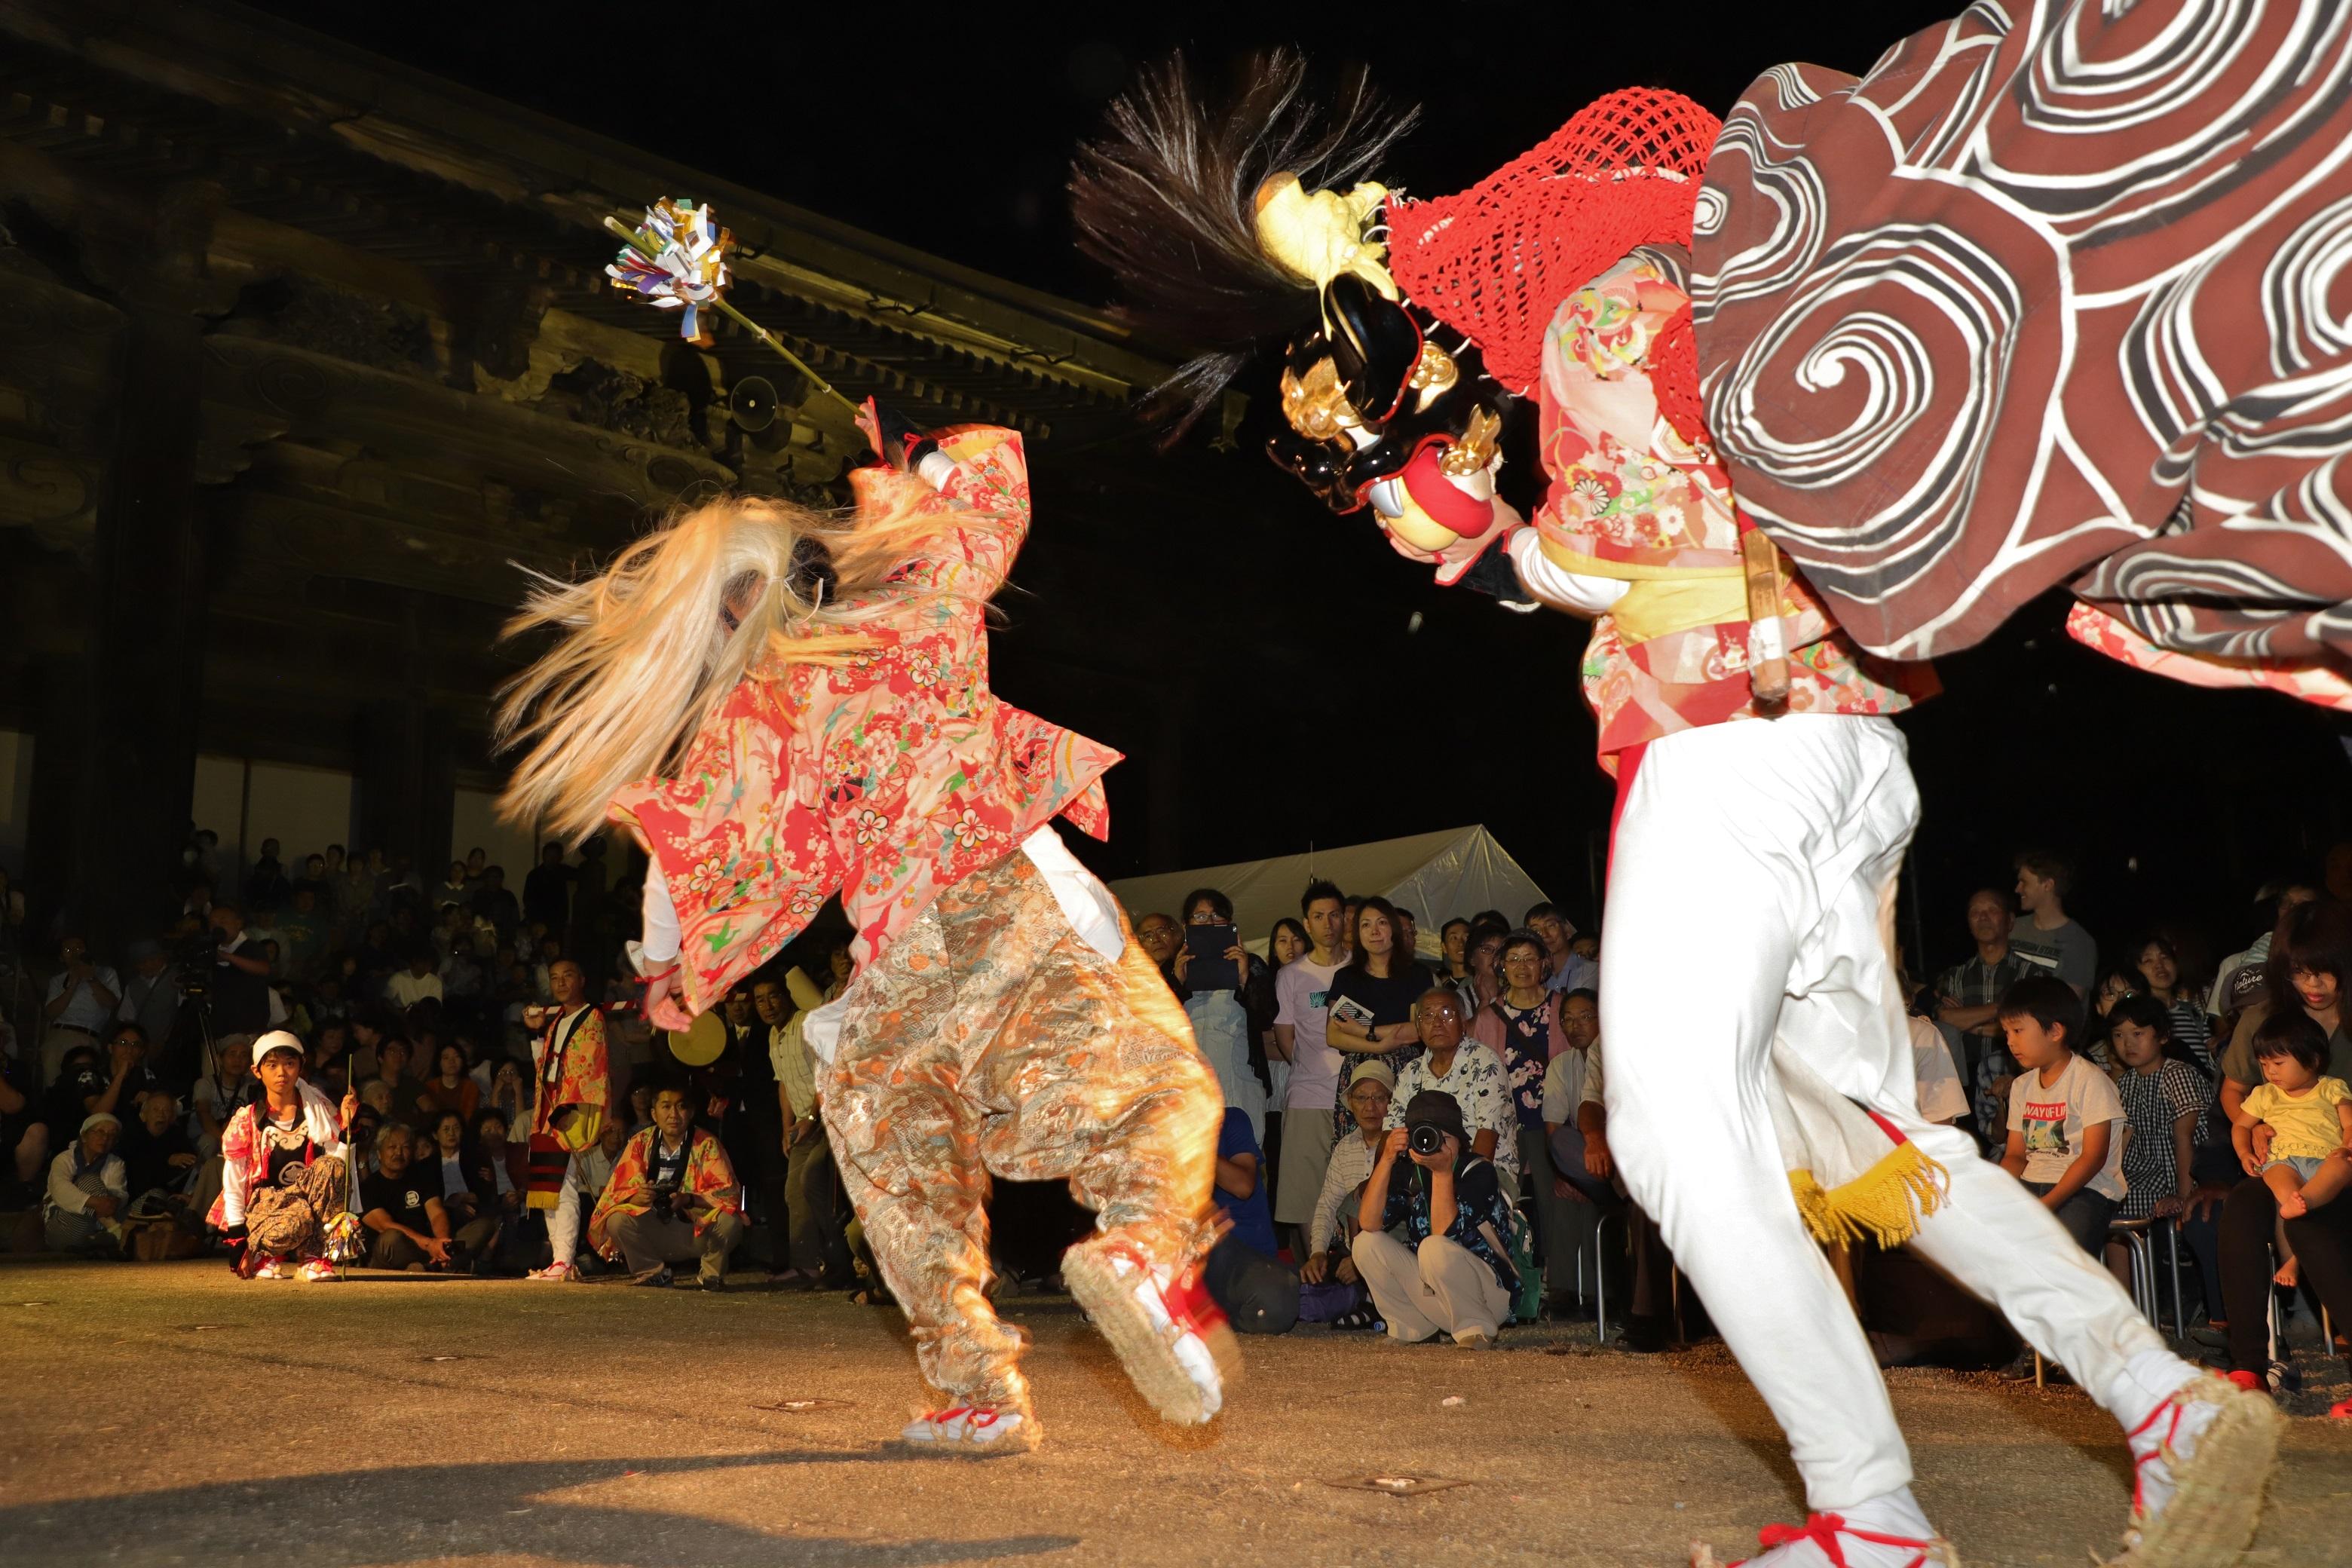 南砺 獅子舞「令和元年夏の陣」獅子舞共演会プロモーション映像が完成しました!の画像